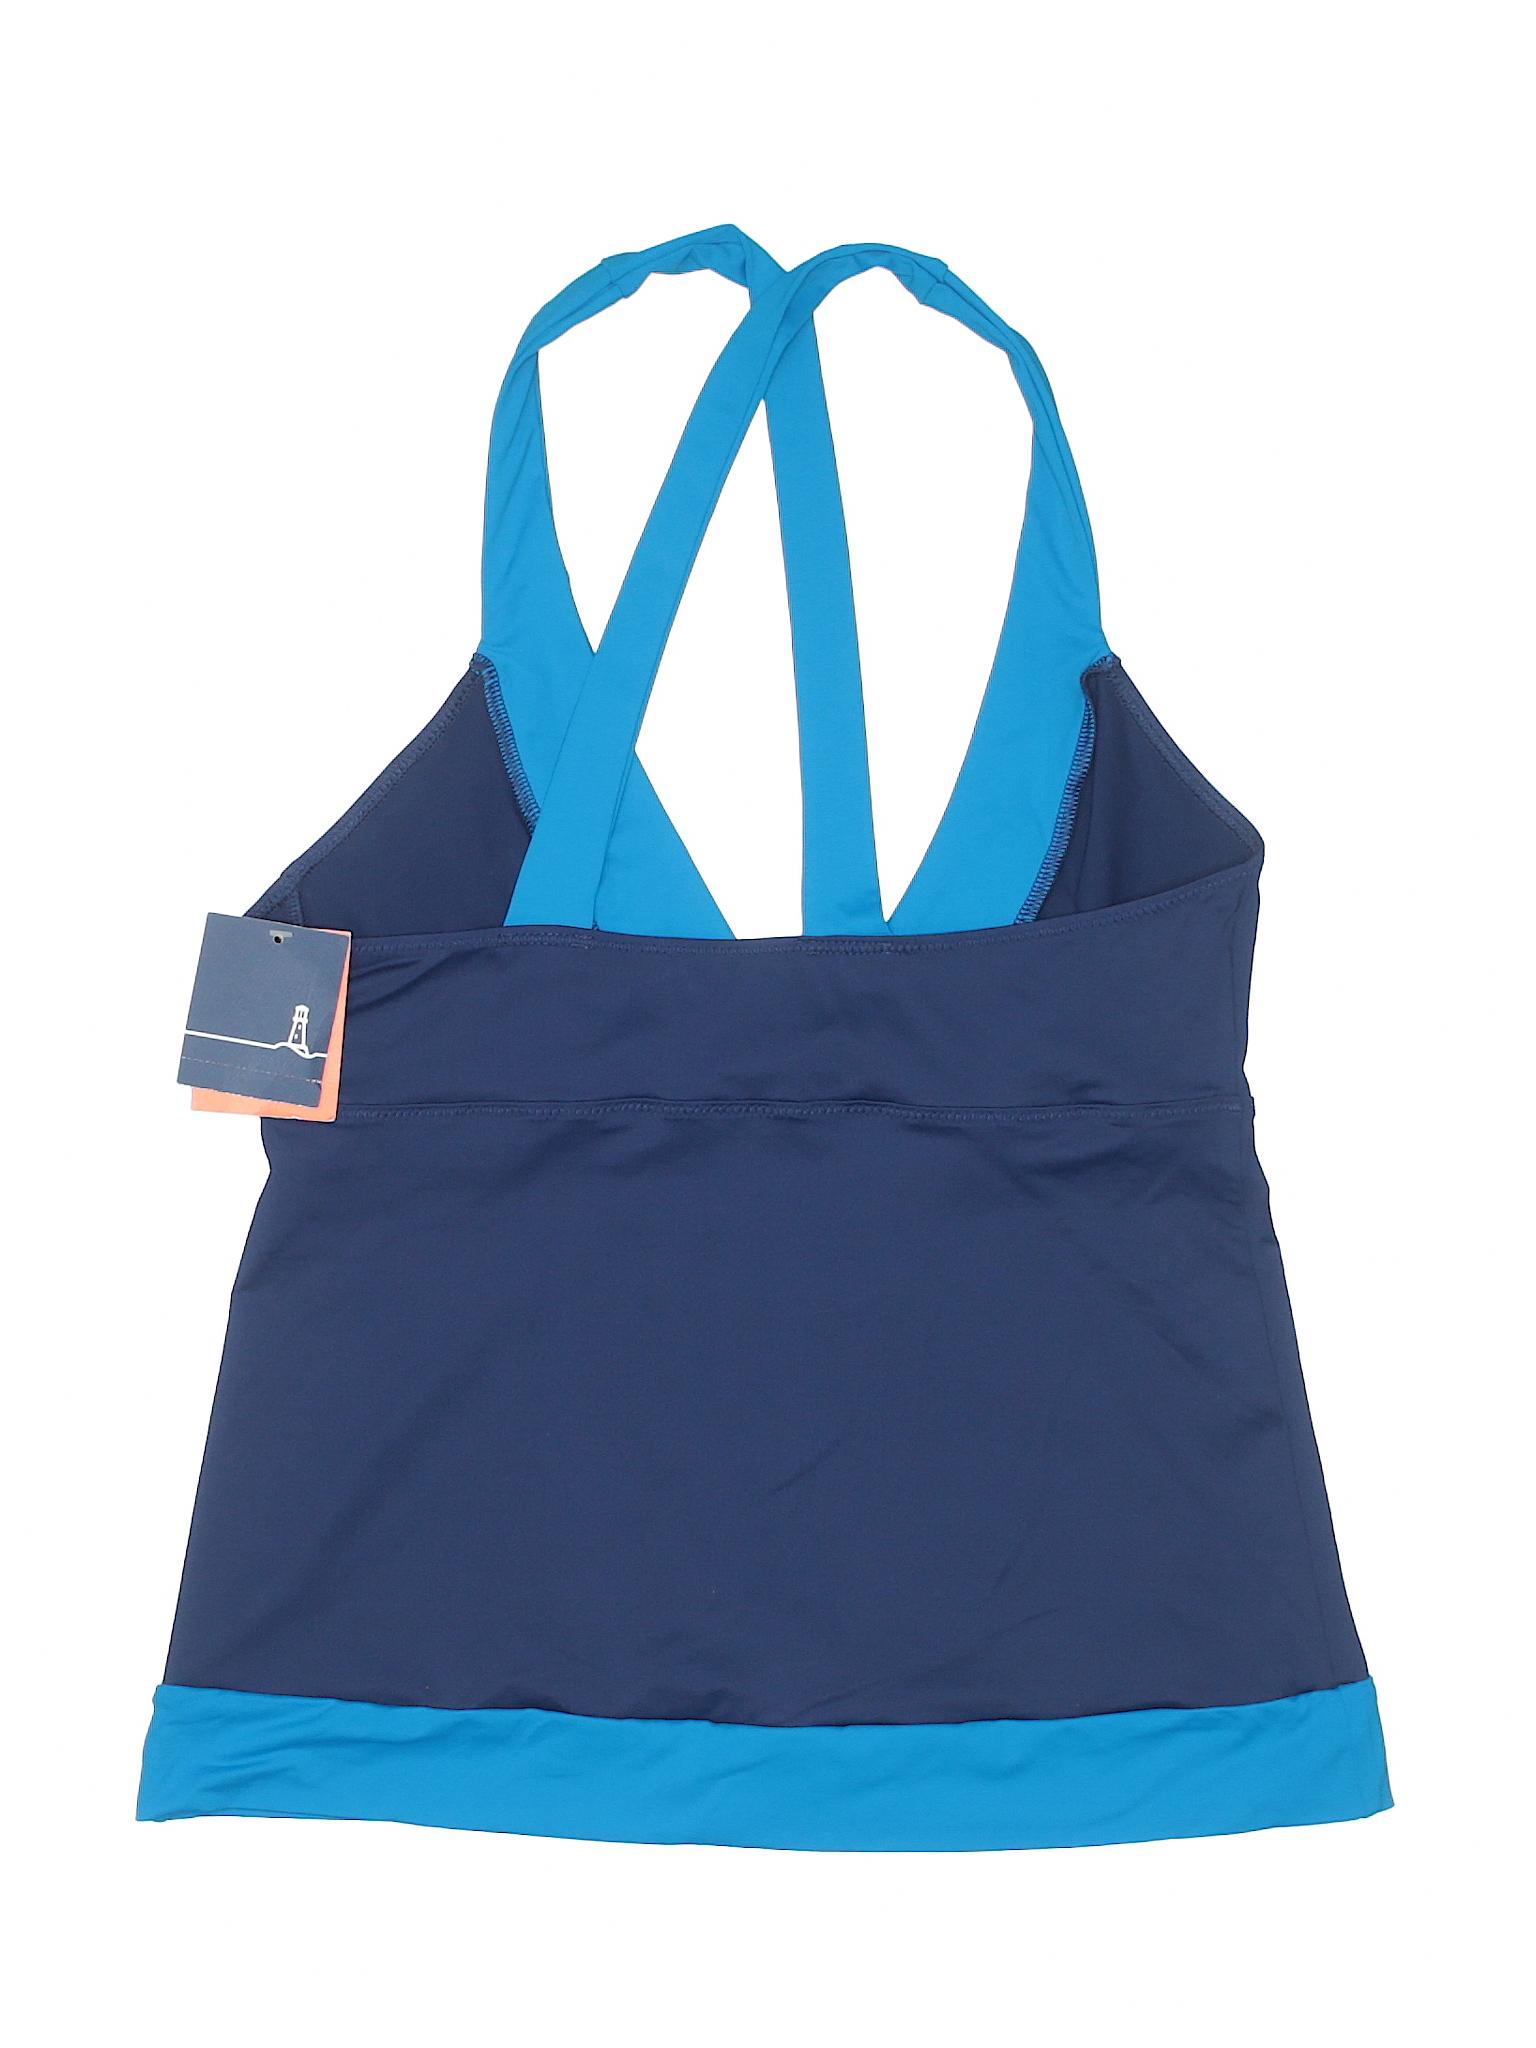 Boutique Boutique Lands' Swimsuit Boutique Swimsuit Top End Top End Lands' fZq55w